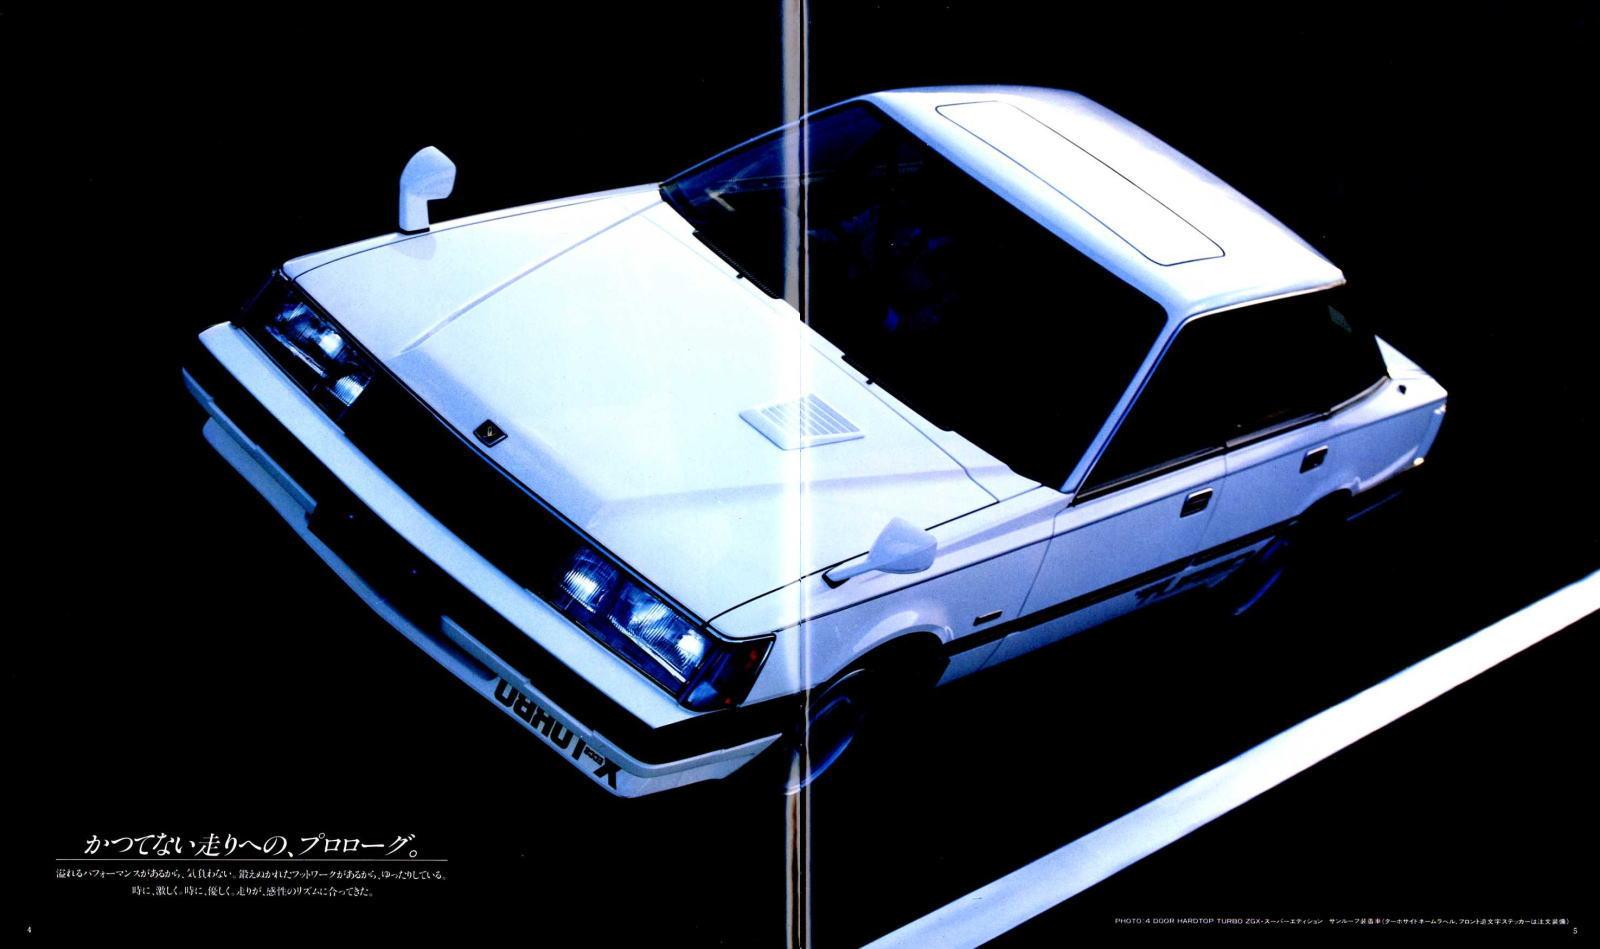 fender mirror, wing, lusterka na błotnikach, mocowane przy błotniku, japoński samochód, motoryzacja z Japonii, JDM, ciekawostki, oryginalne, oldschool, klasyki, nostalgic, stare, klasyczne, modele, dawne, auta, フェンダーミラー, 日本車, Nissan Leopard F30